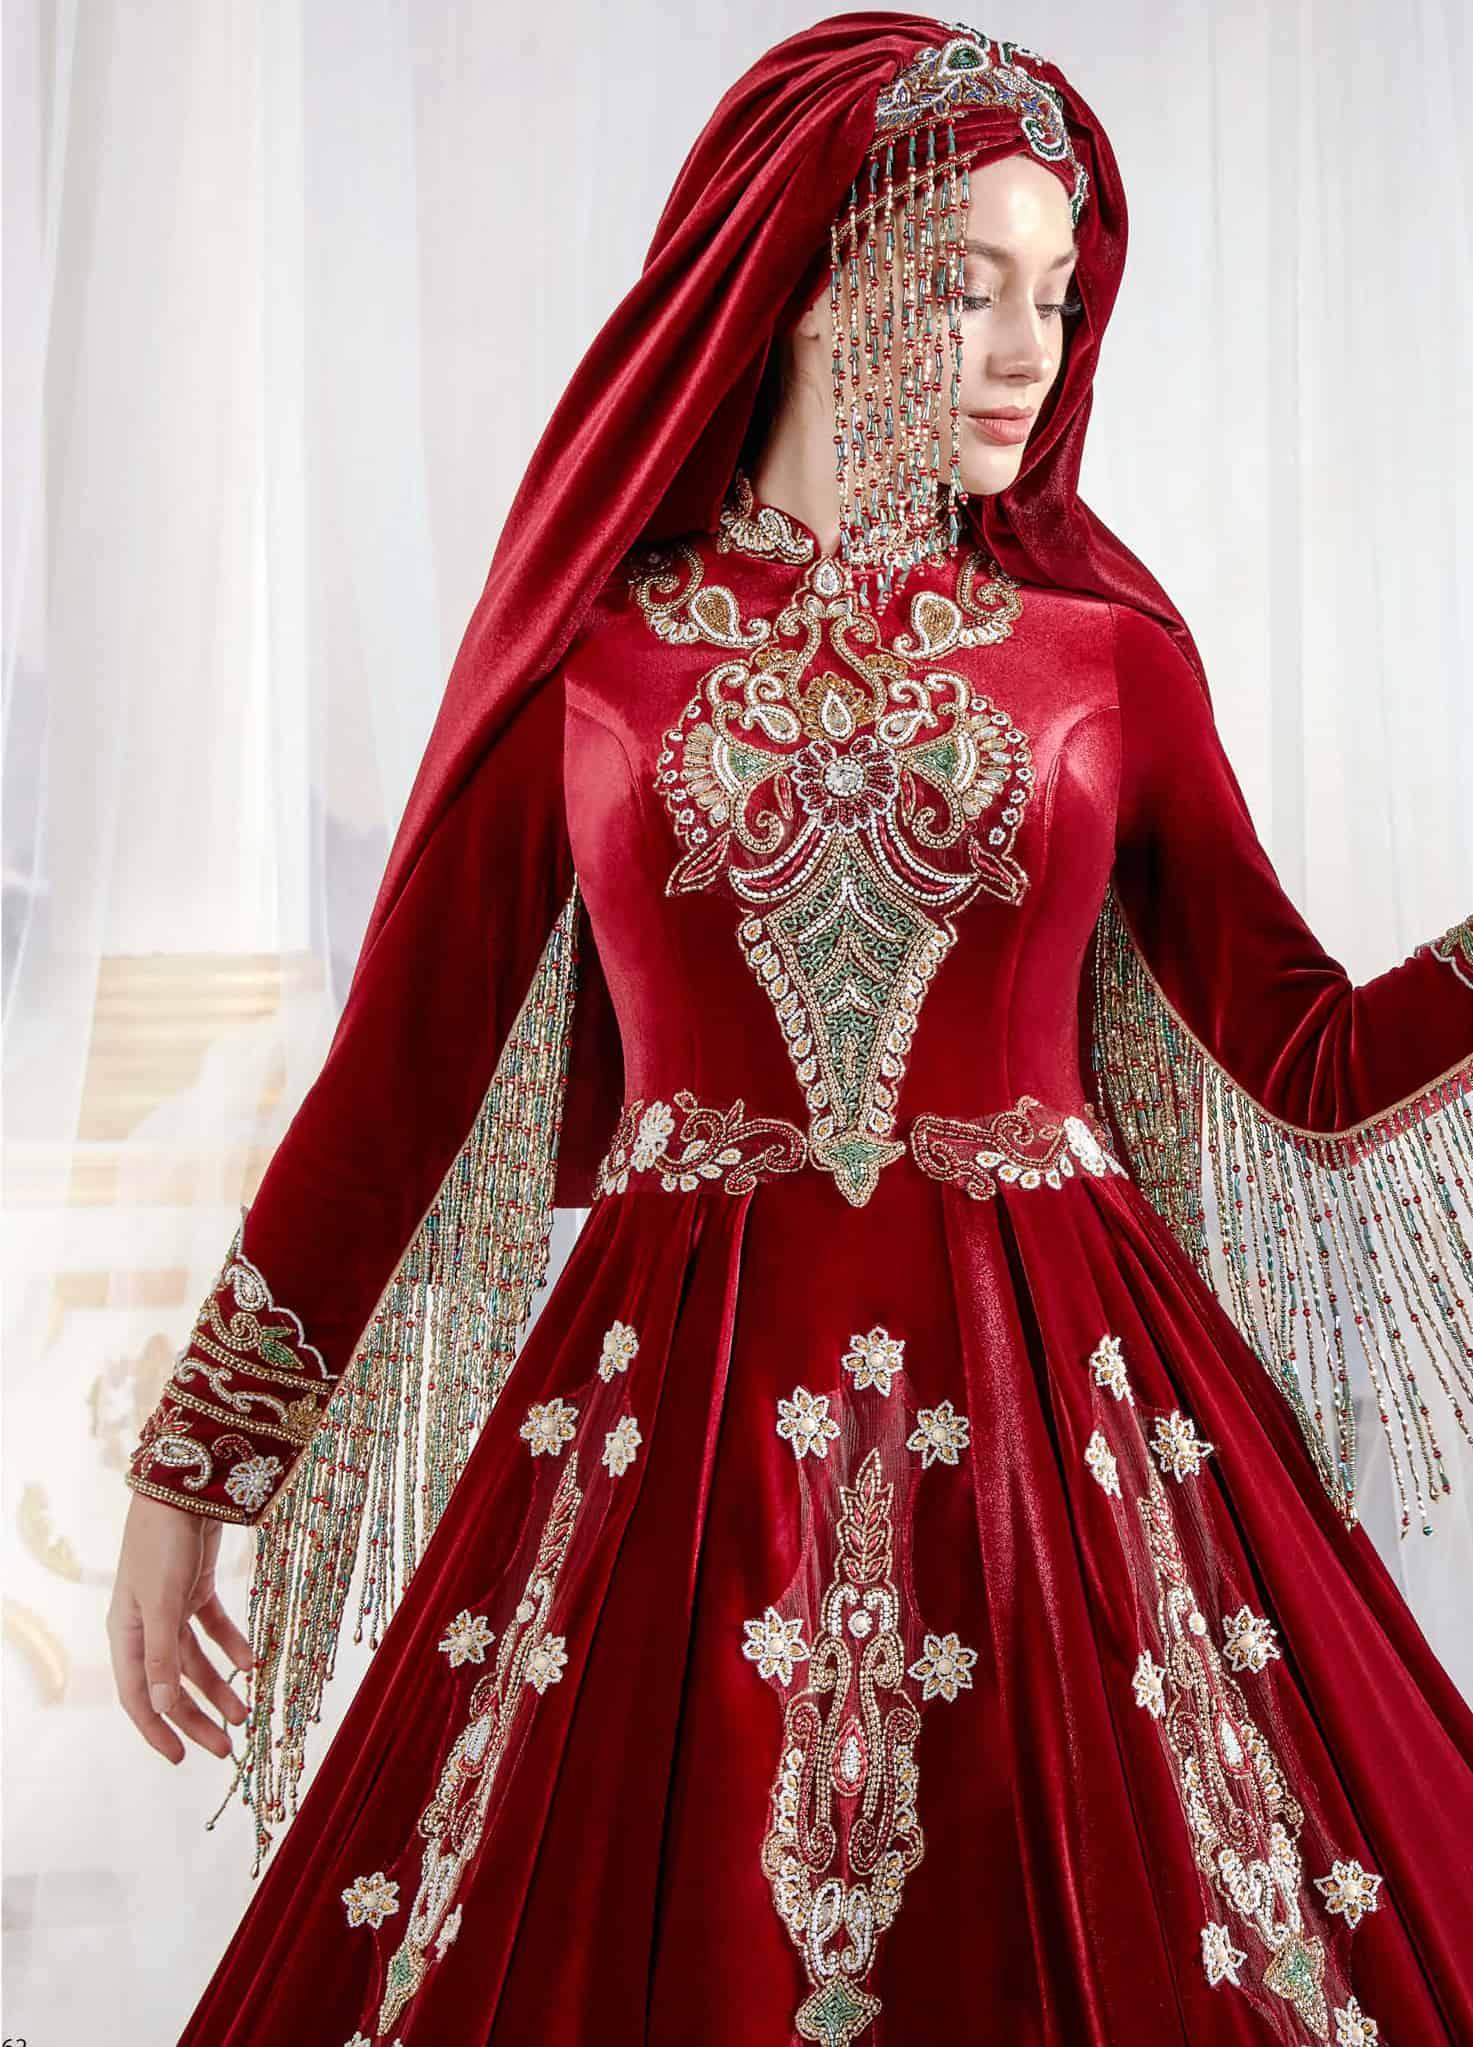 مكتبة العجز غيتار hijab dresses online shop